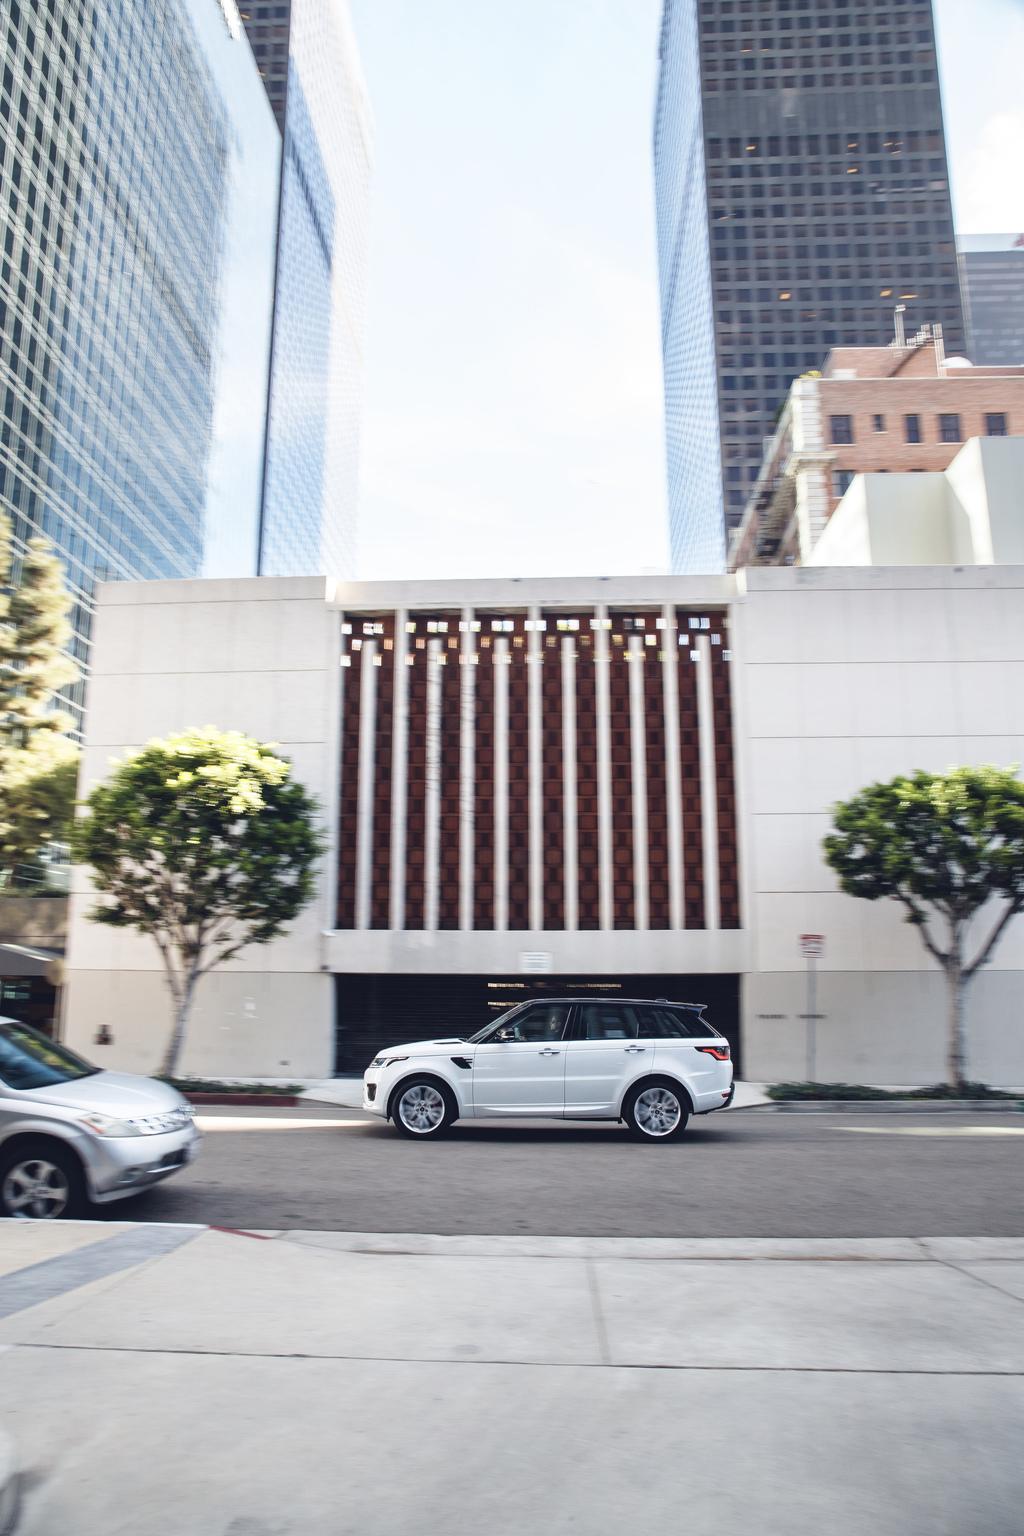 The 2018 Range Rover Sport P400e PHEV in LA